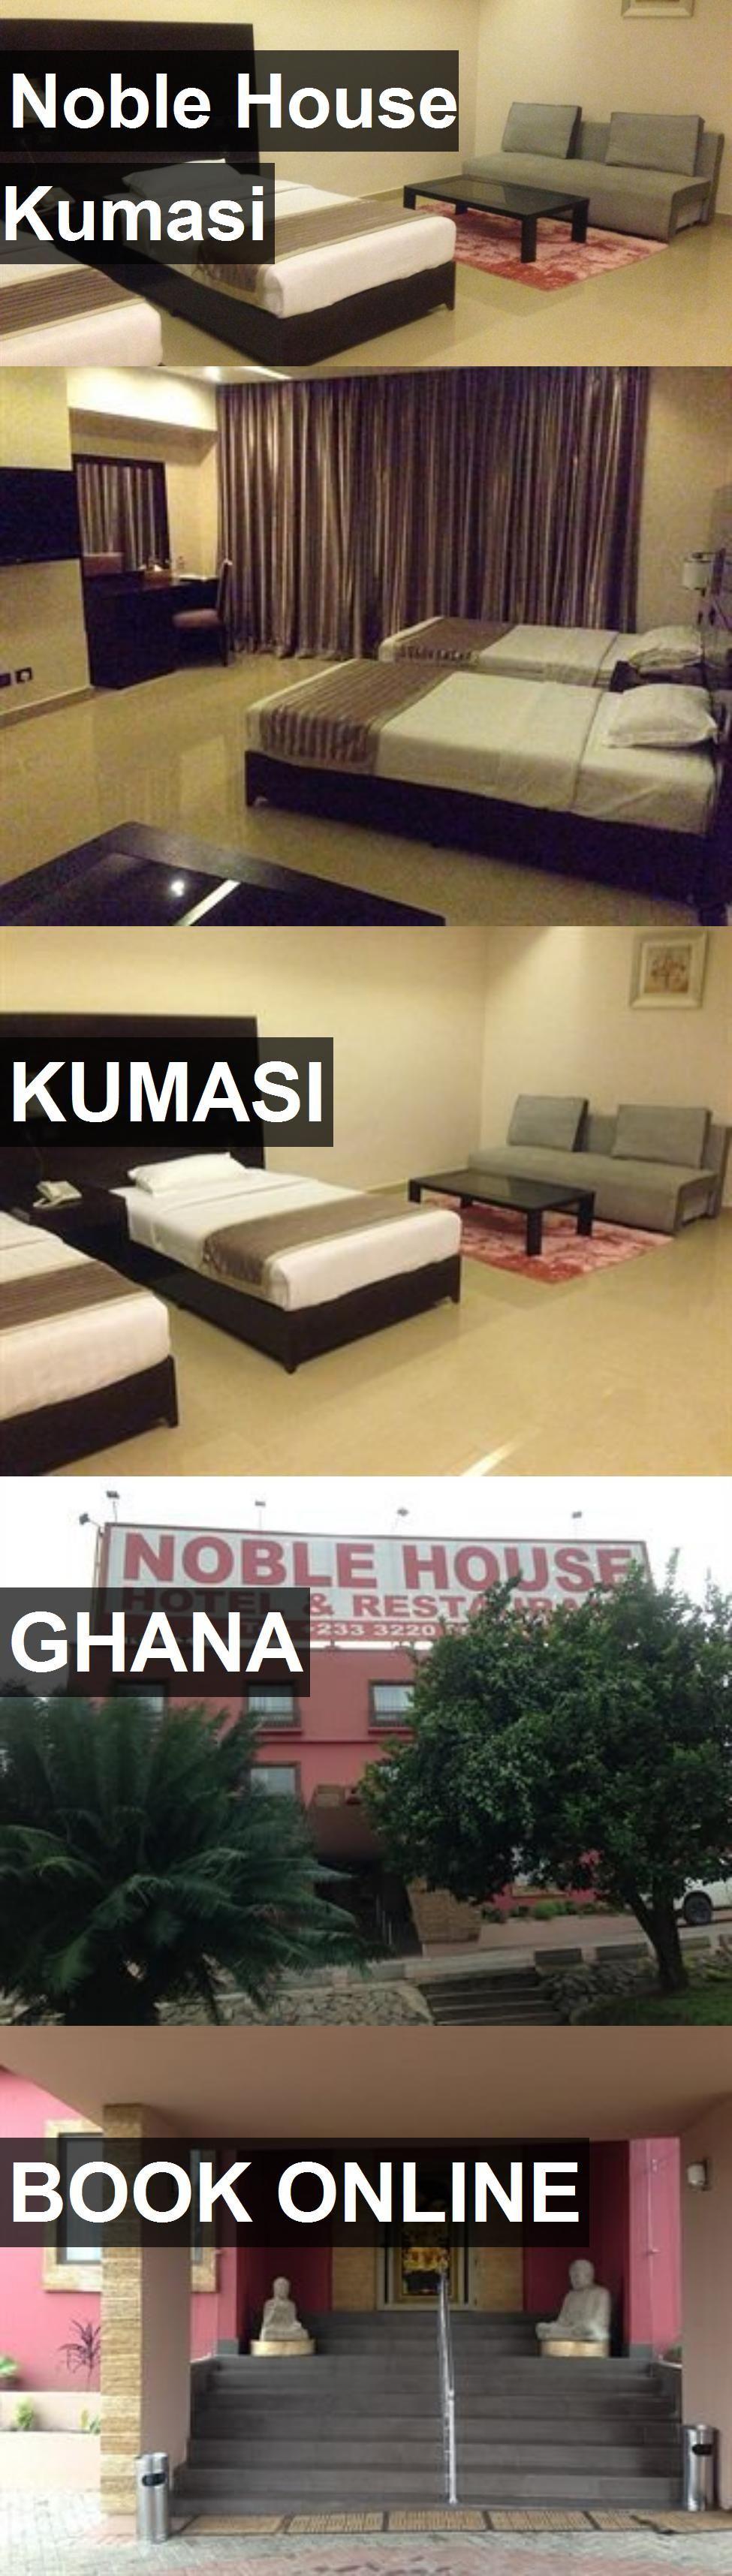 Pin On Hotels In Kumasi